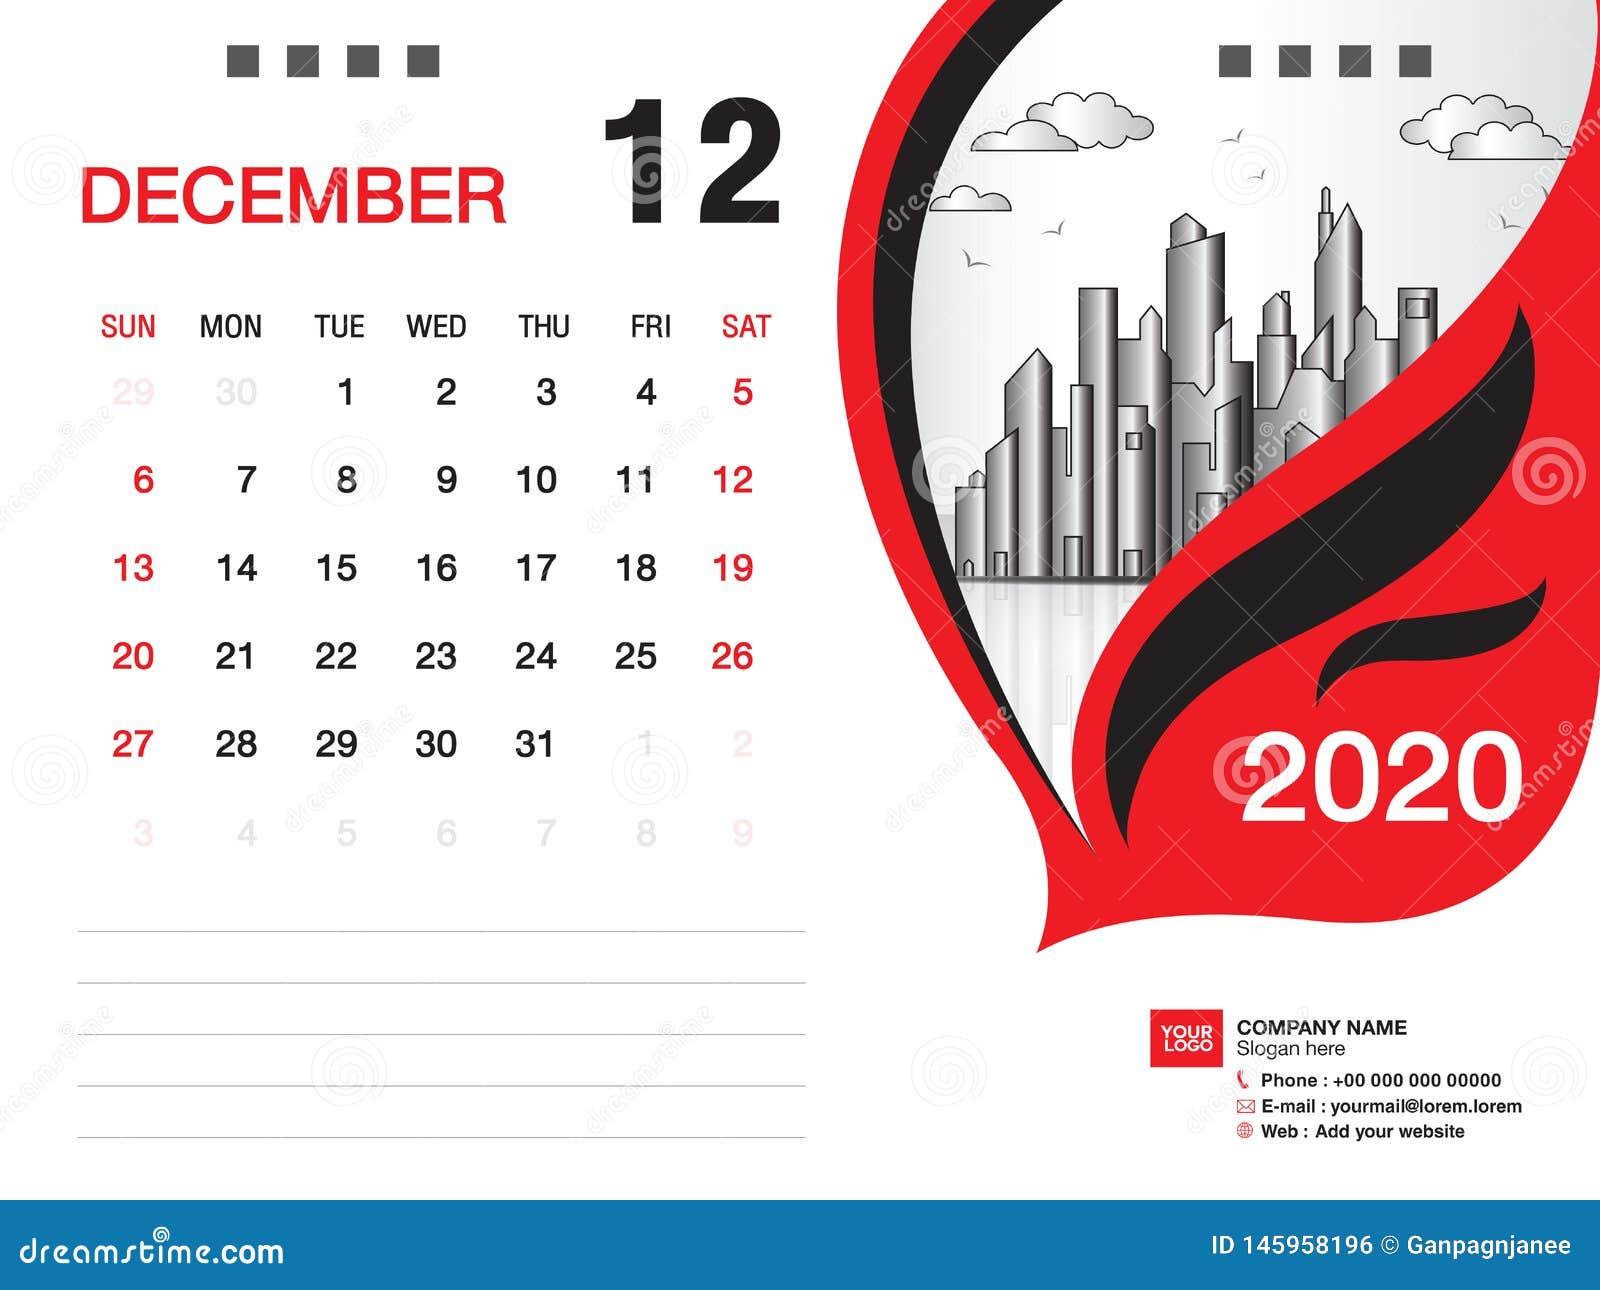 Calendrier De Decembre 2020.Le Vecteur 2020 Decembre 2020 Mois Disposition D Affaires